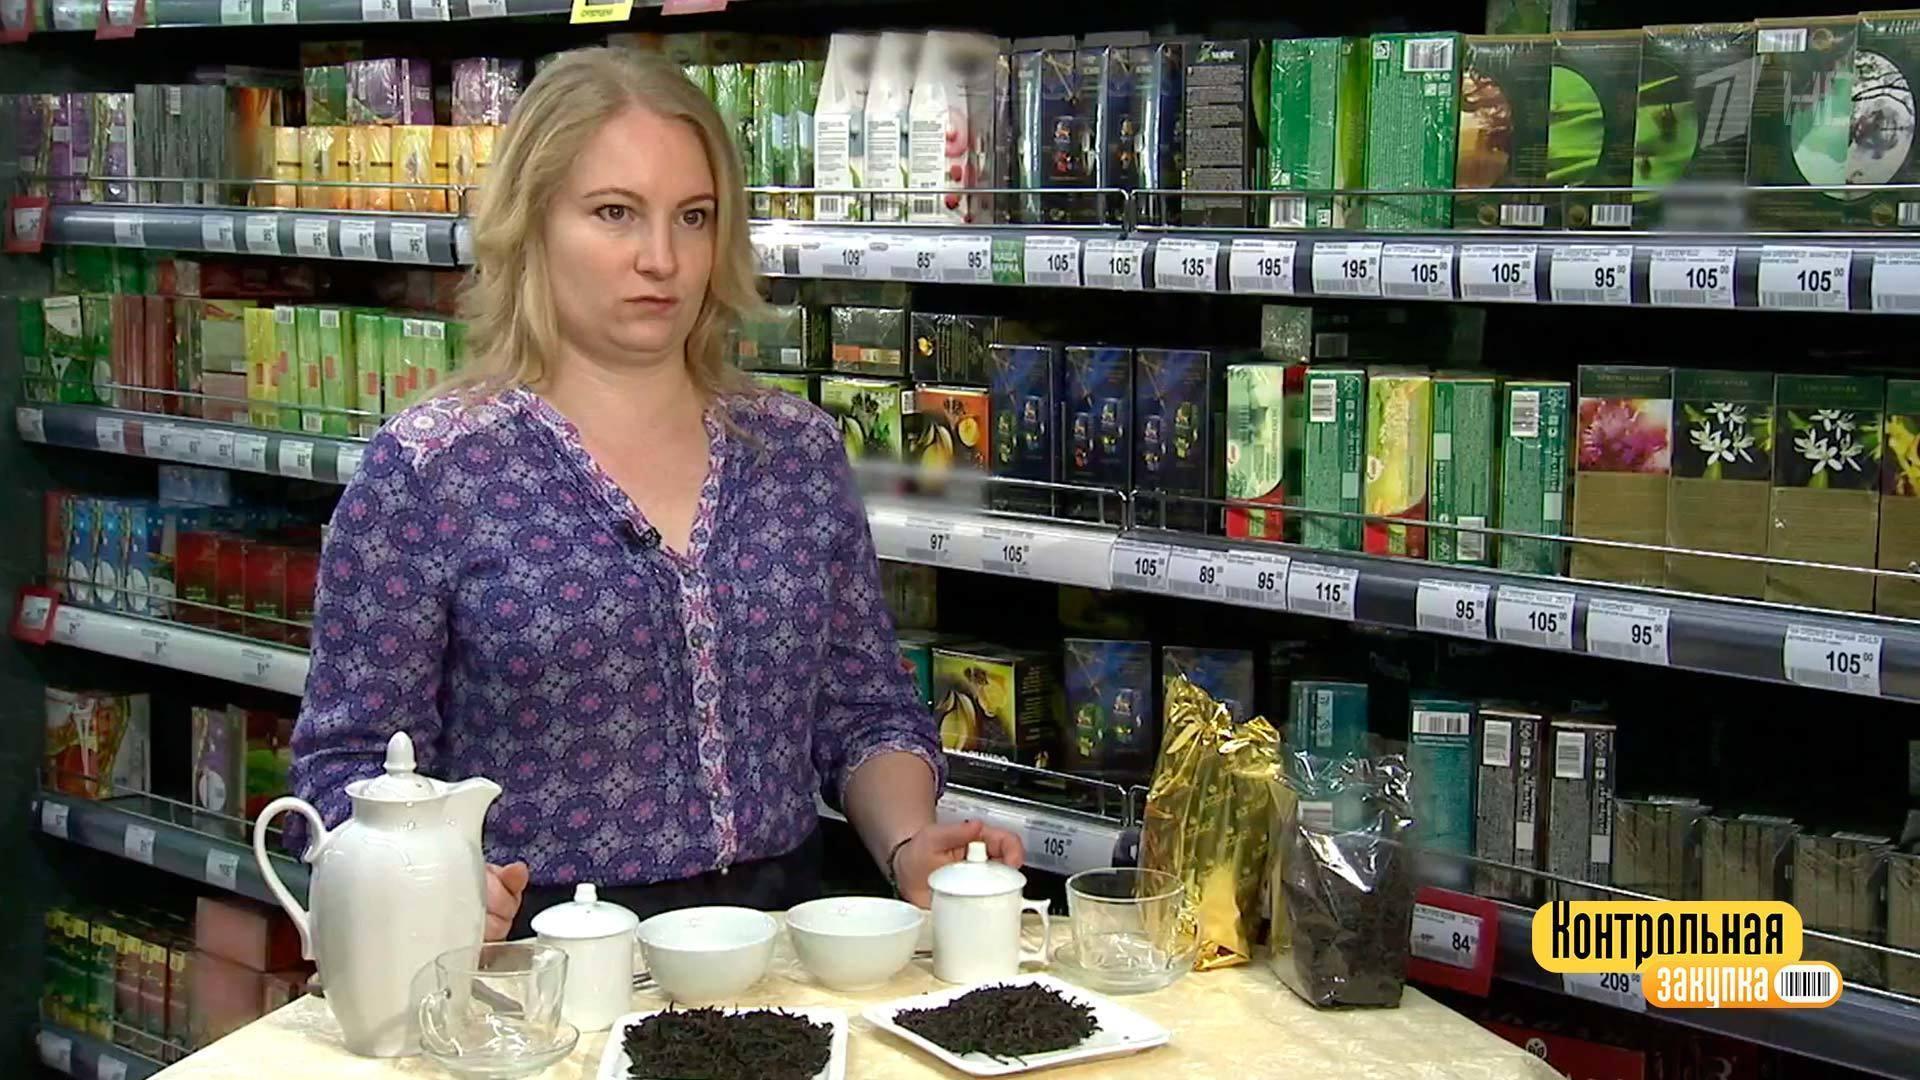 Какой чай самый лучший контрольная закупка 2016